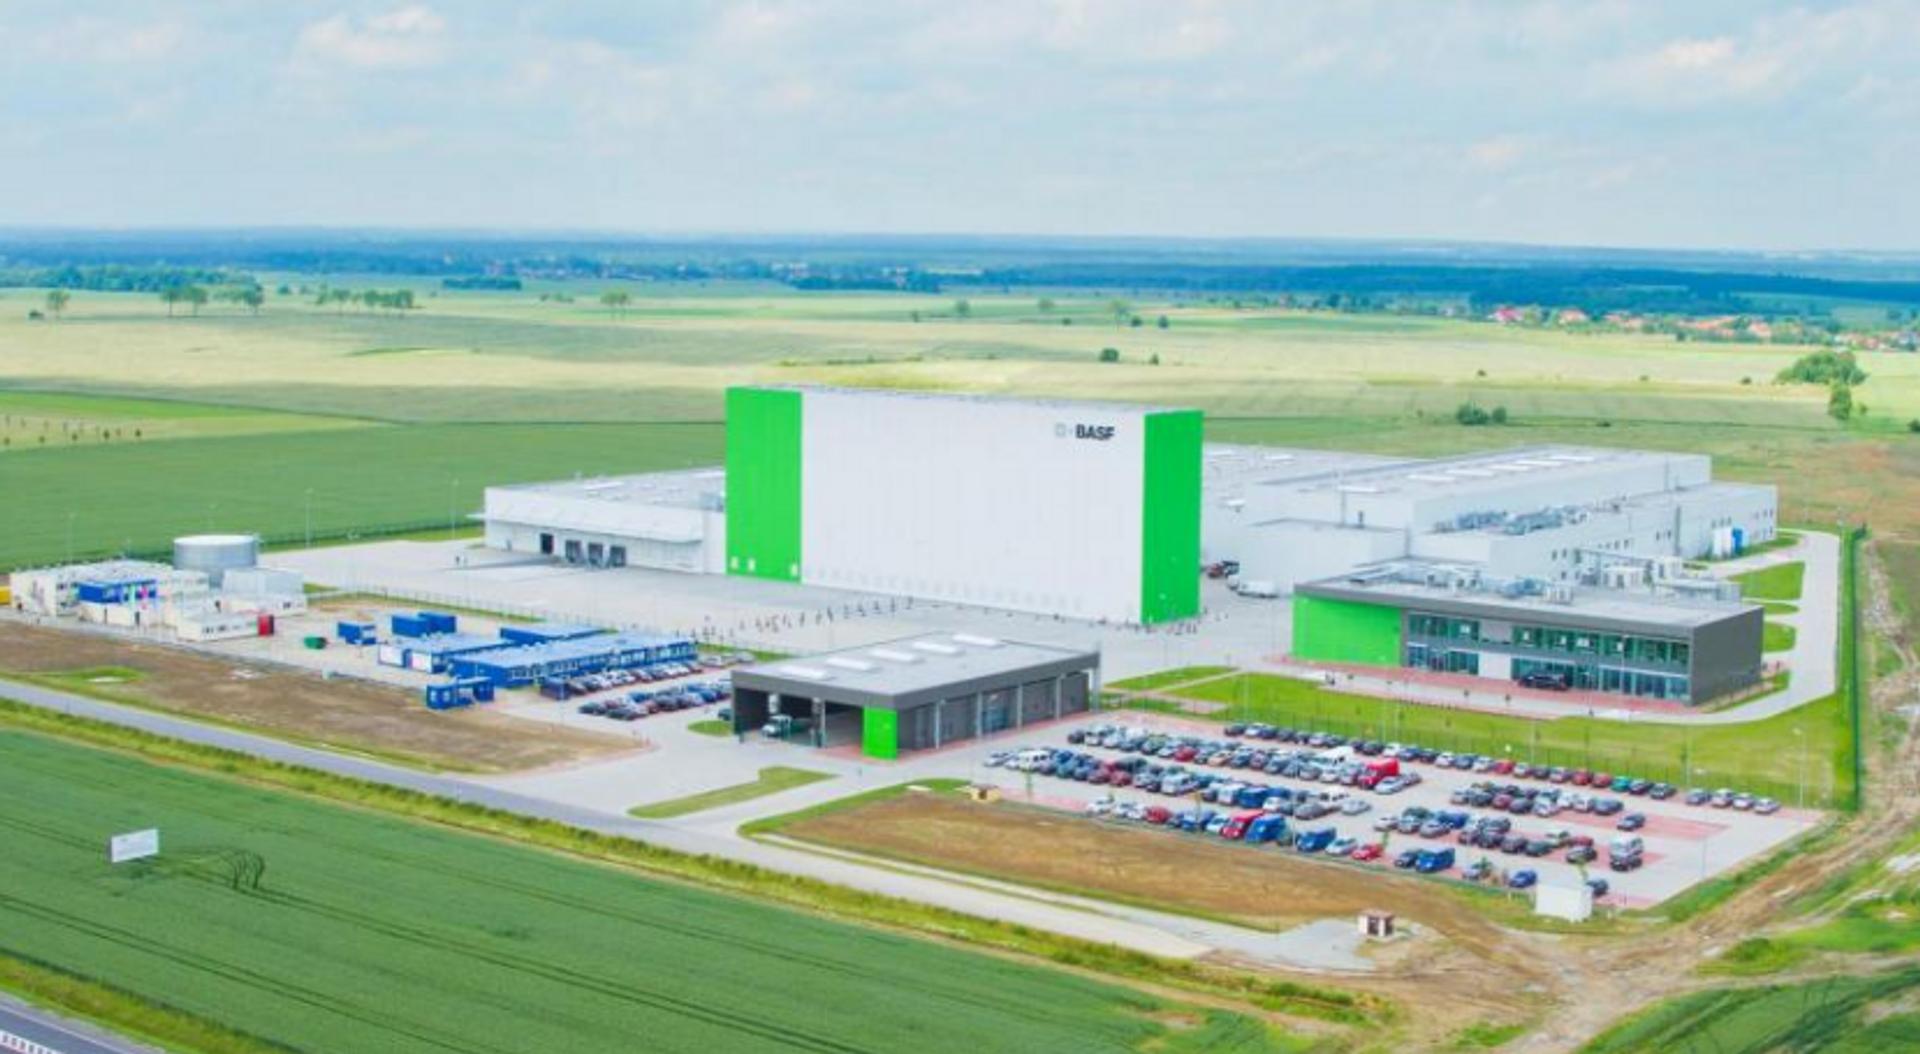 BASF rozbuduje za ponad 362 mln zł fabrykę katalizatorów samochodowych pod Wrocławiem